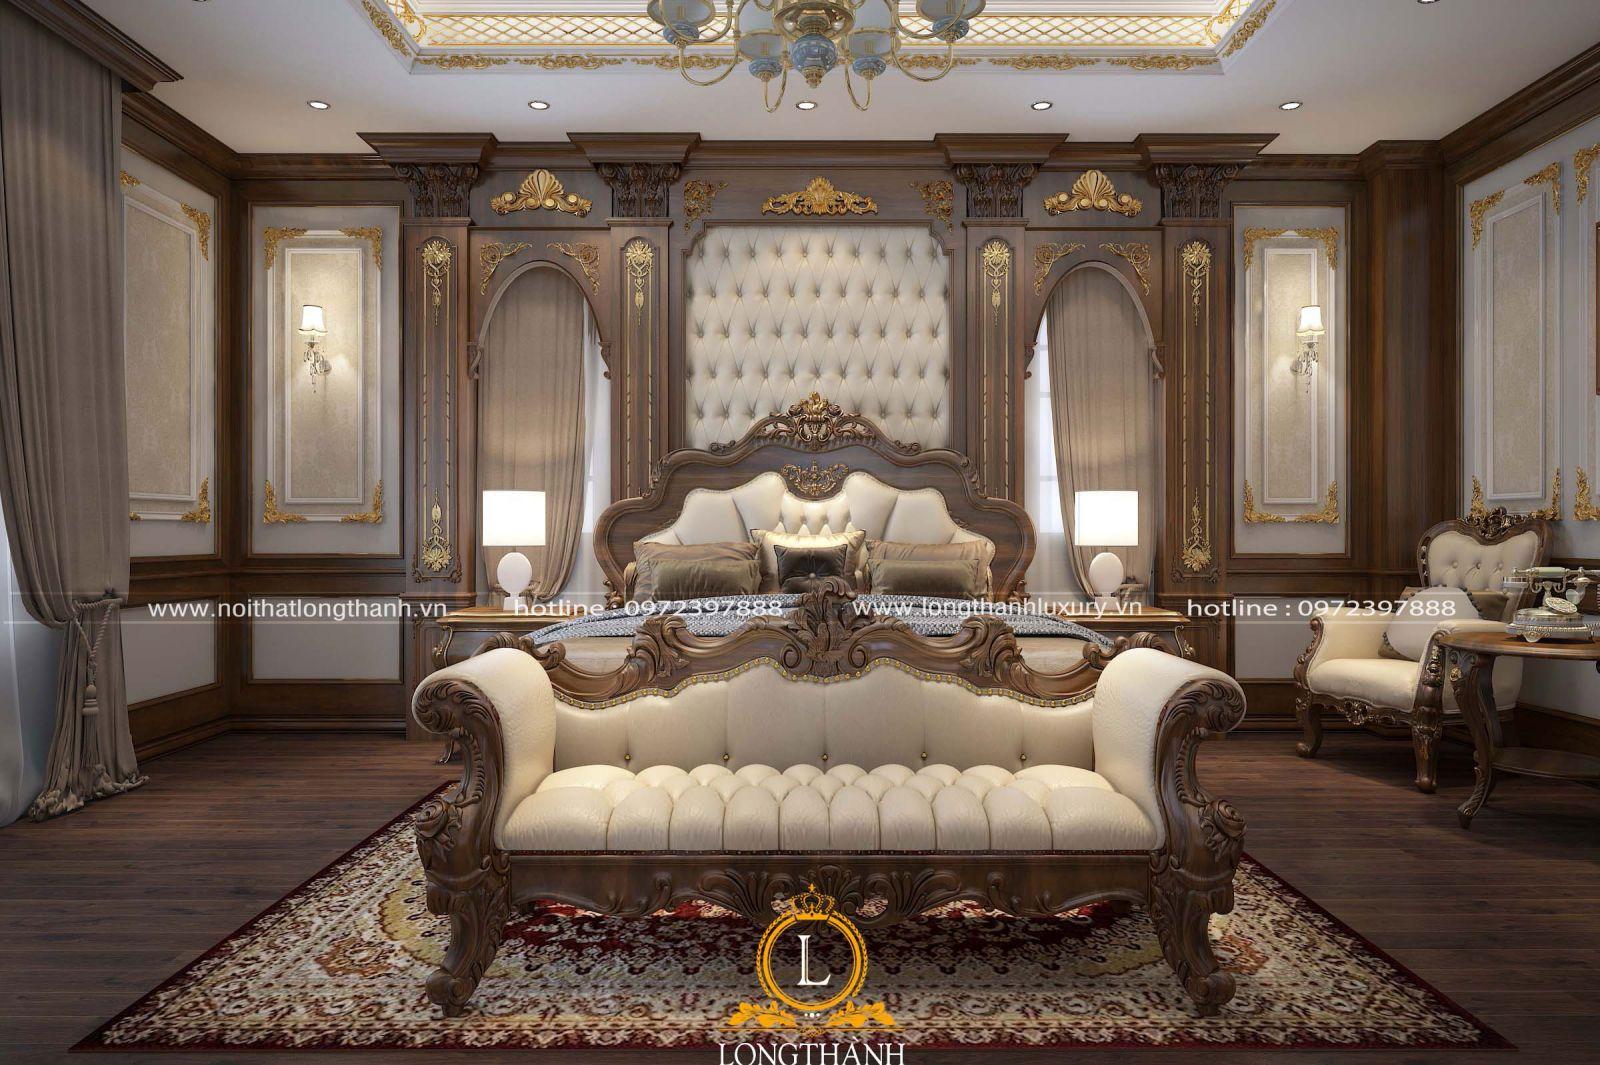 Nội thất phòng ngủ tân cổ điển gỗ Óc chó đang được nhiều người lựa chọn